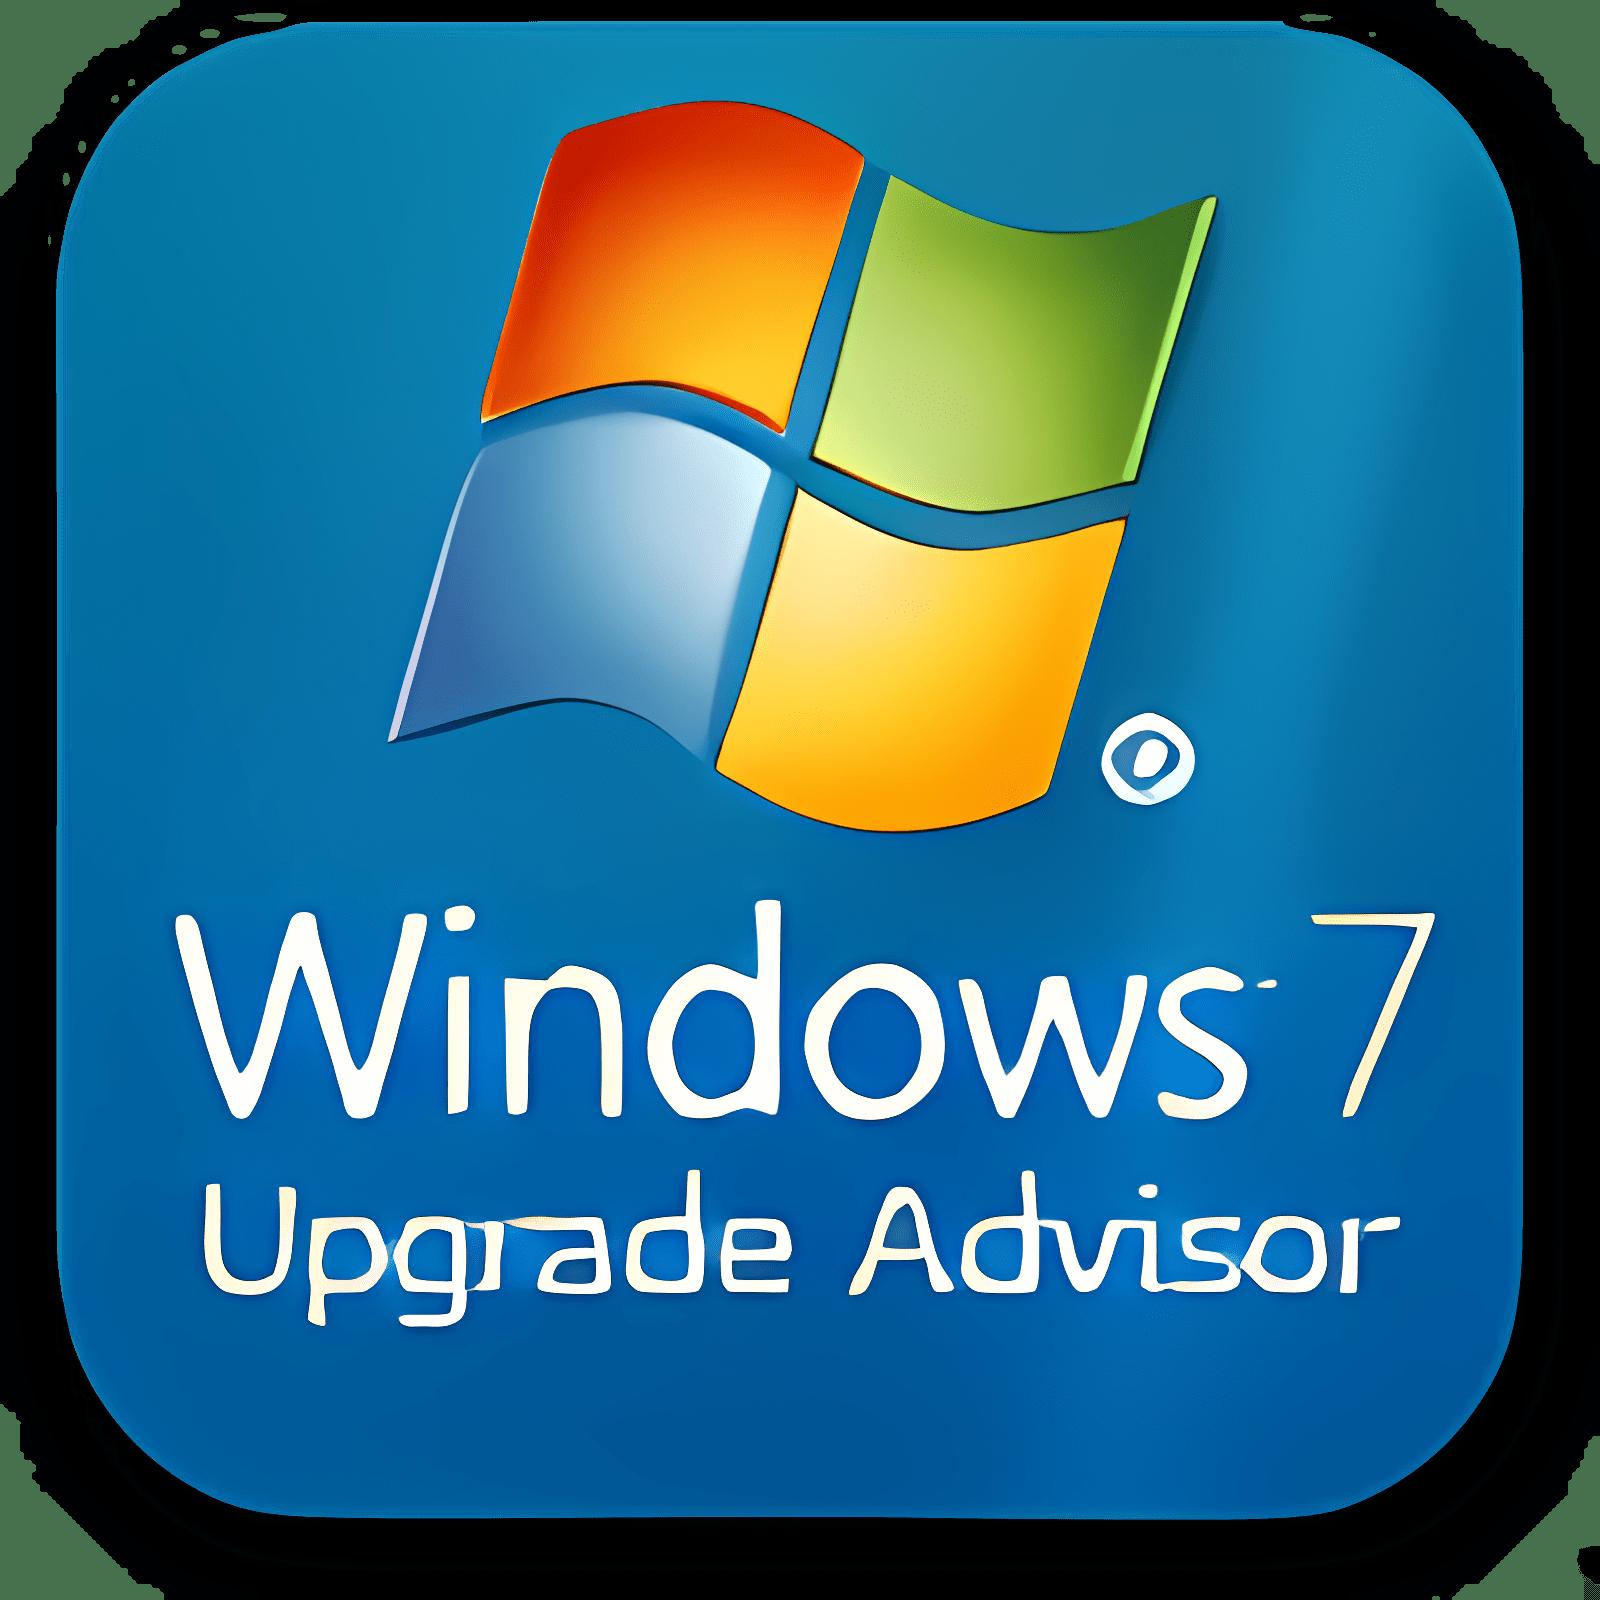 Windows 7 Upgrade Advisor (Conseiller de mise à niveau Windows 7)